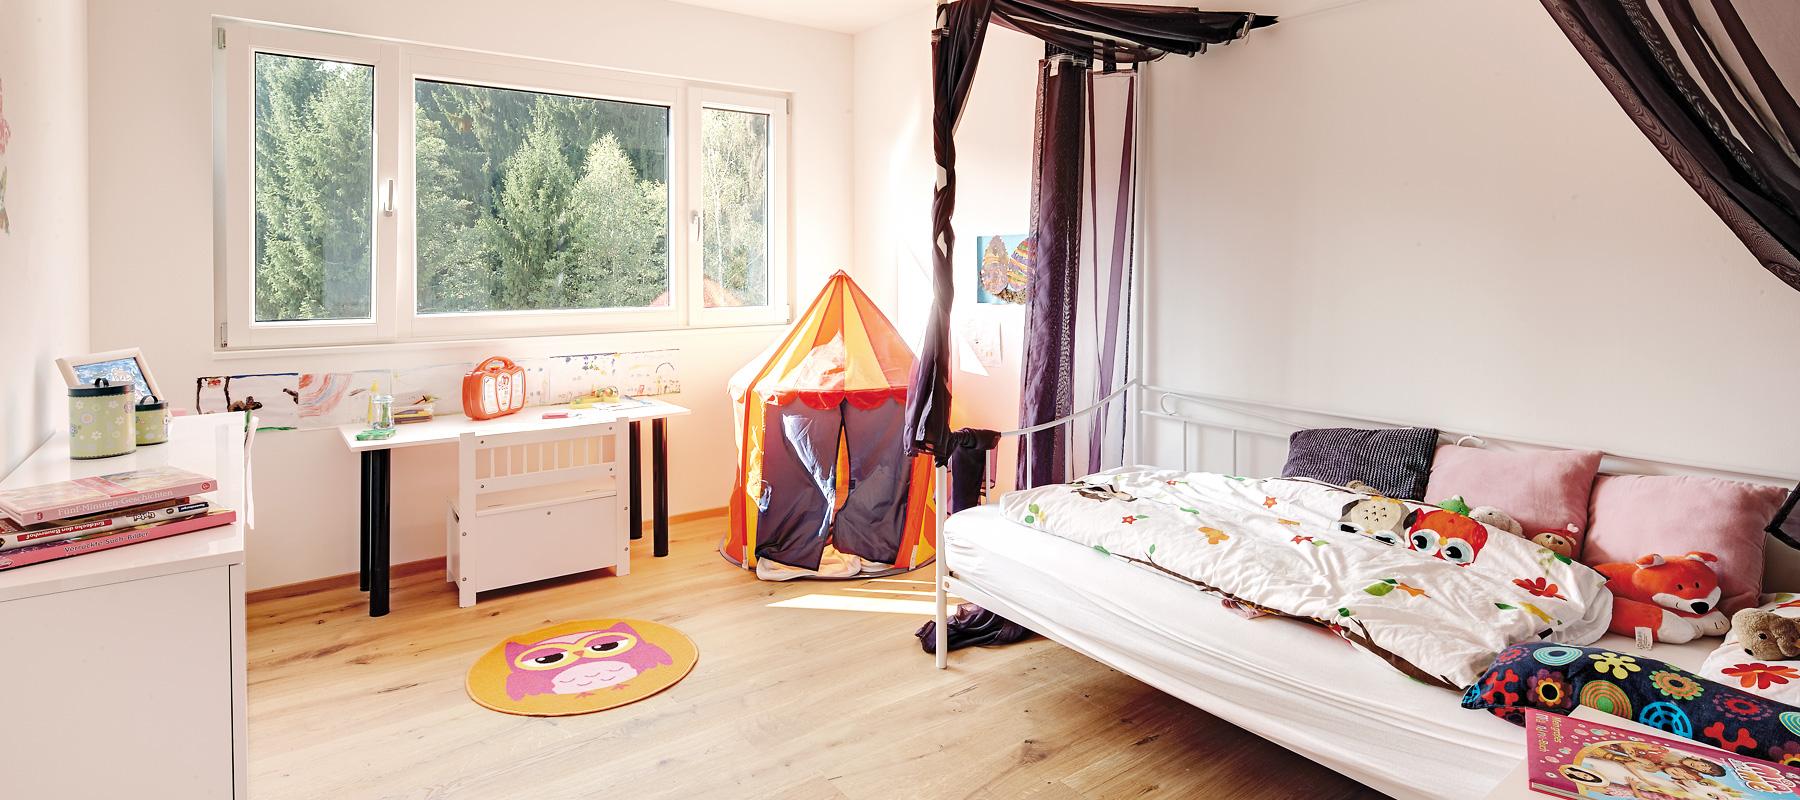 Kinderzimmer und kinderm bel aus echtholz - Echtholz kinderzimmer ...